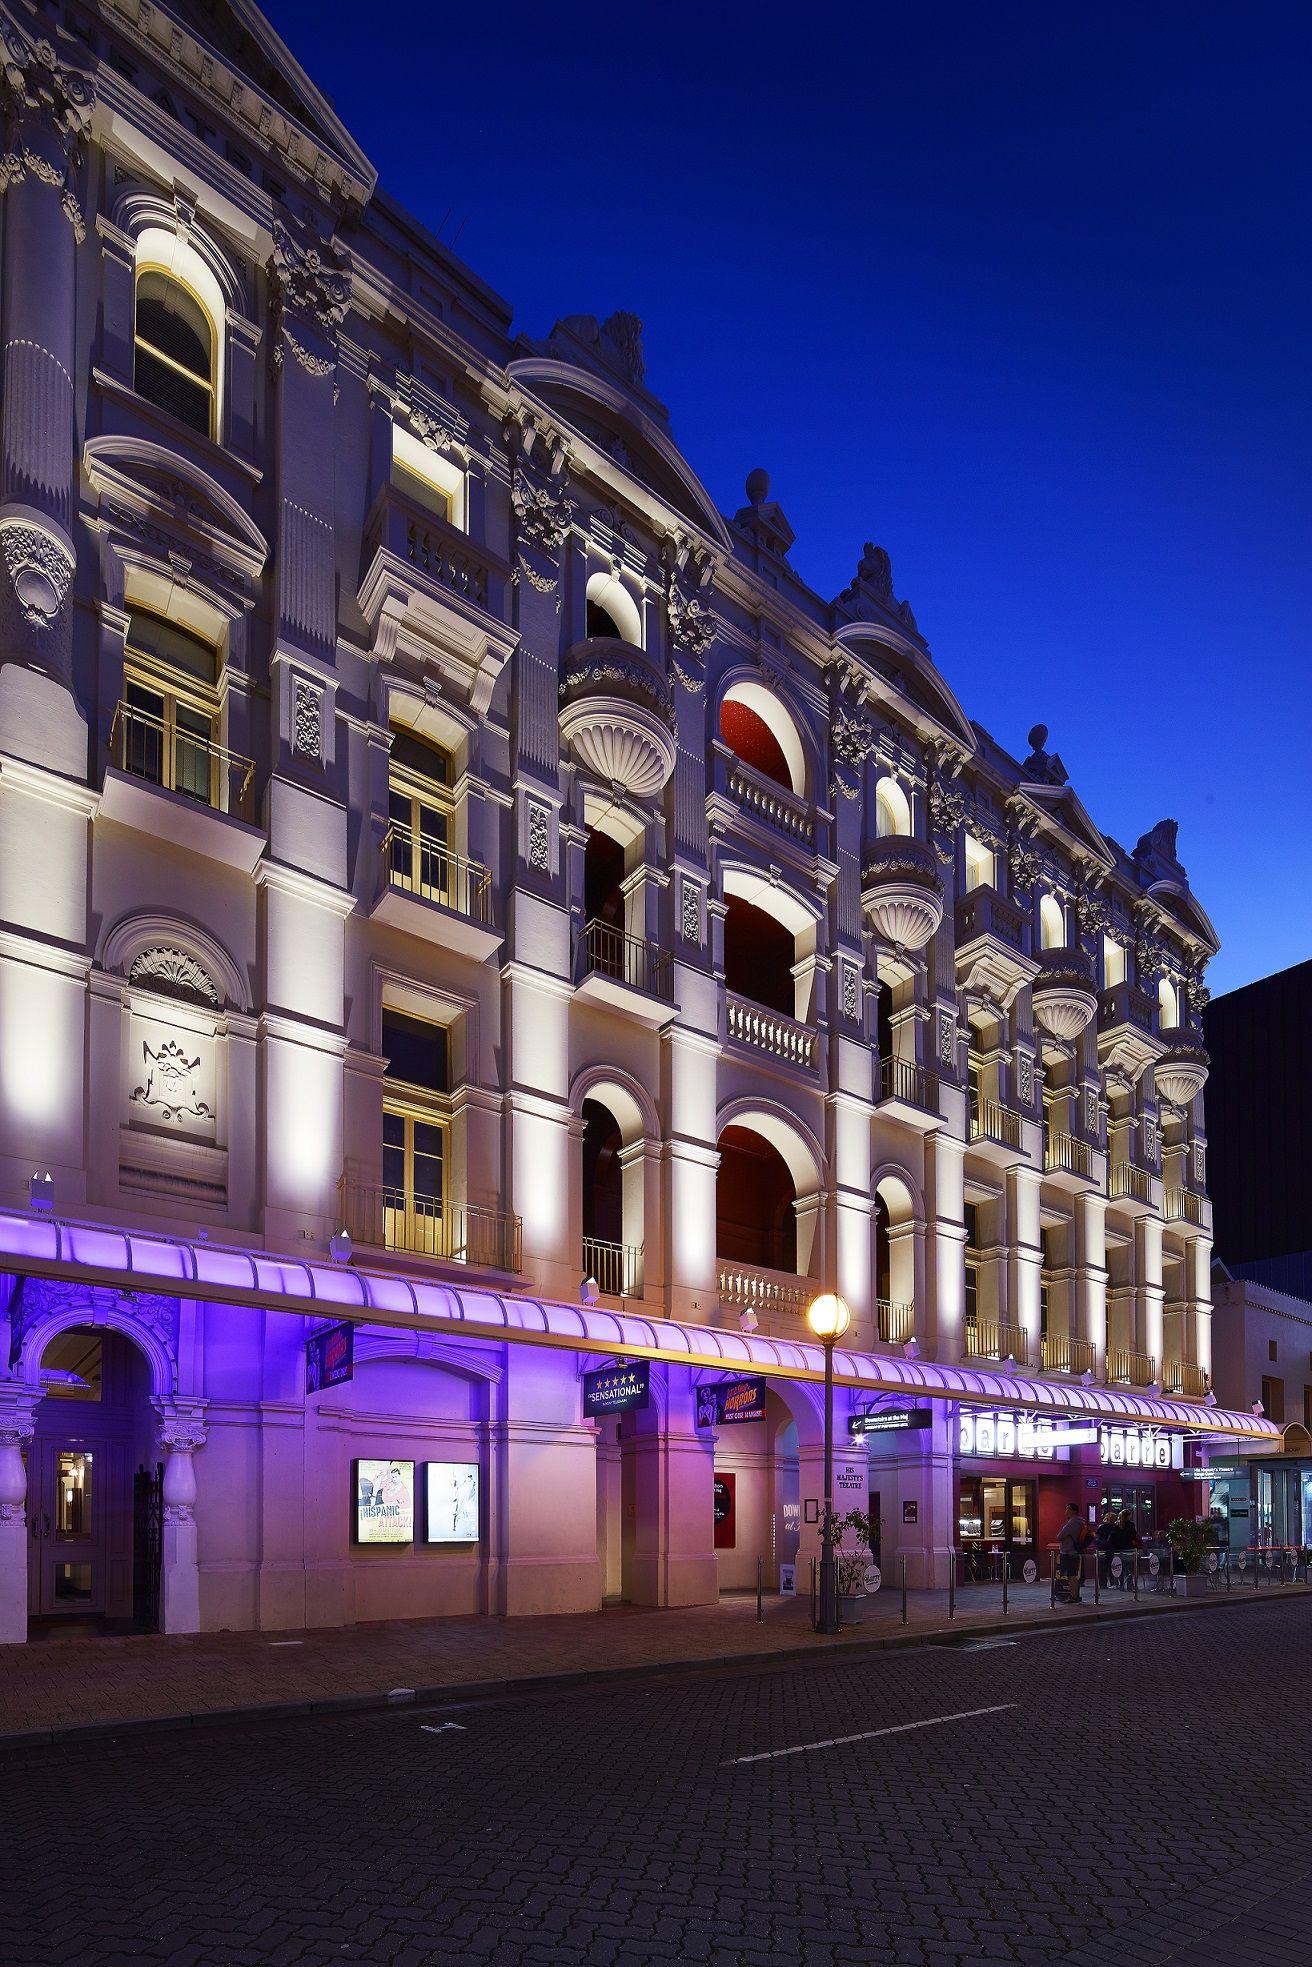 His Majesty S Theatre Perth West Australia Opera